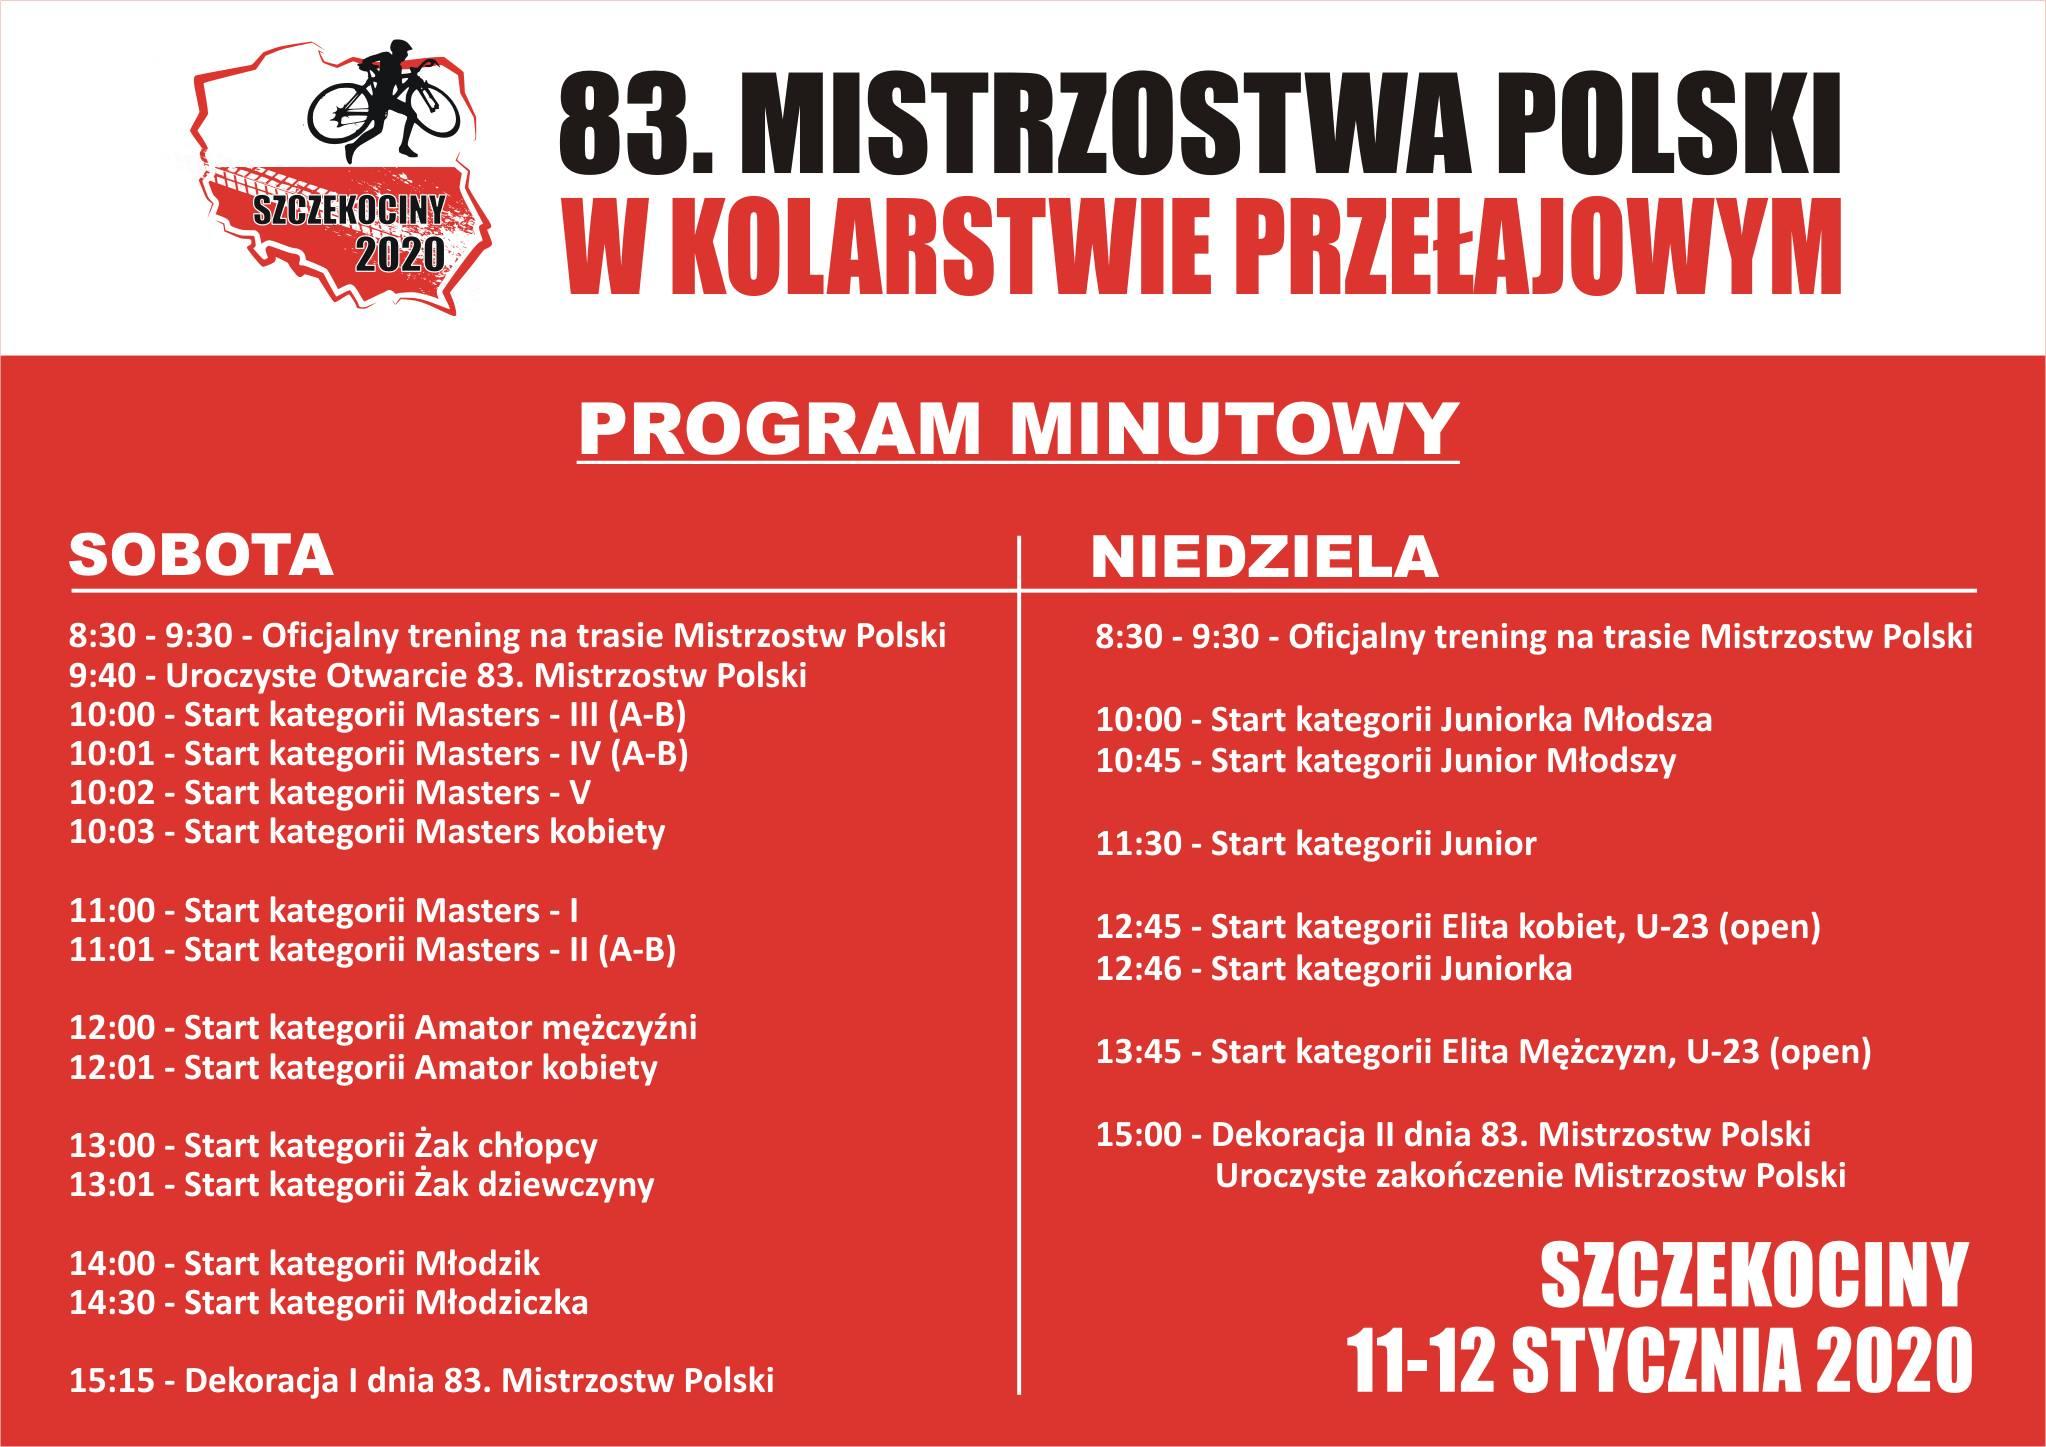 83. Mistrzostwa Polski w Kolarstwie Przełajowym Szczekociny 2020